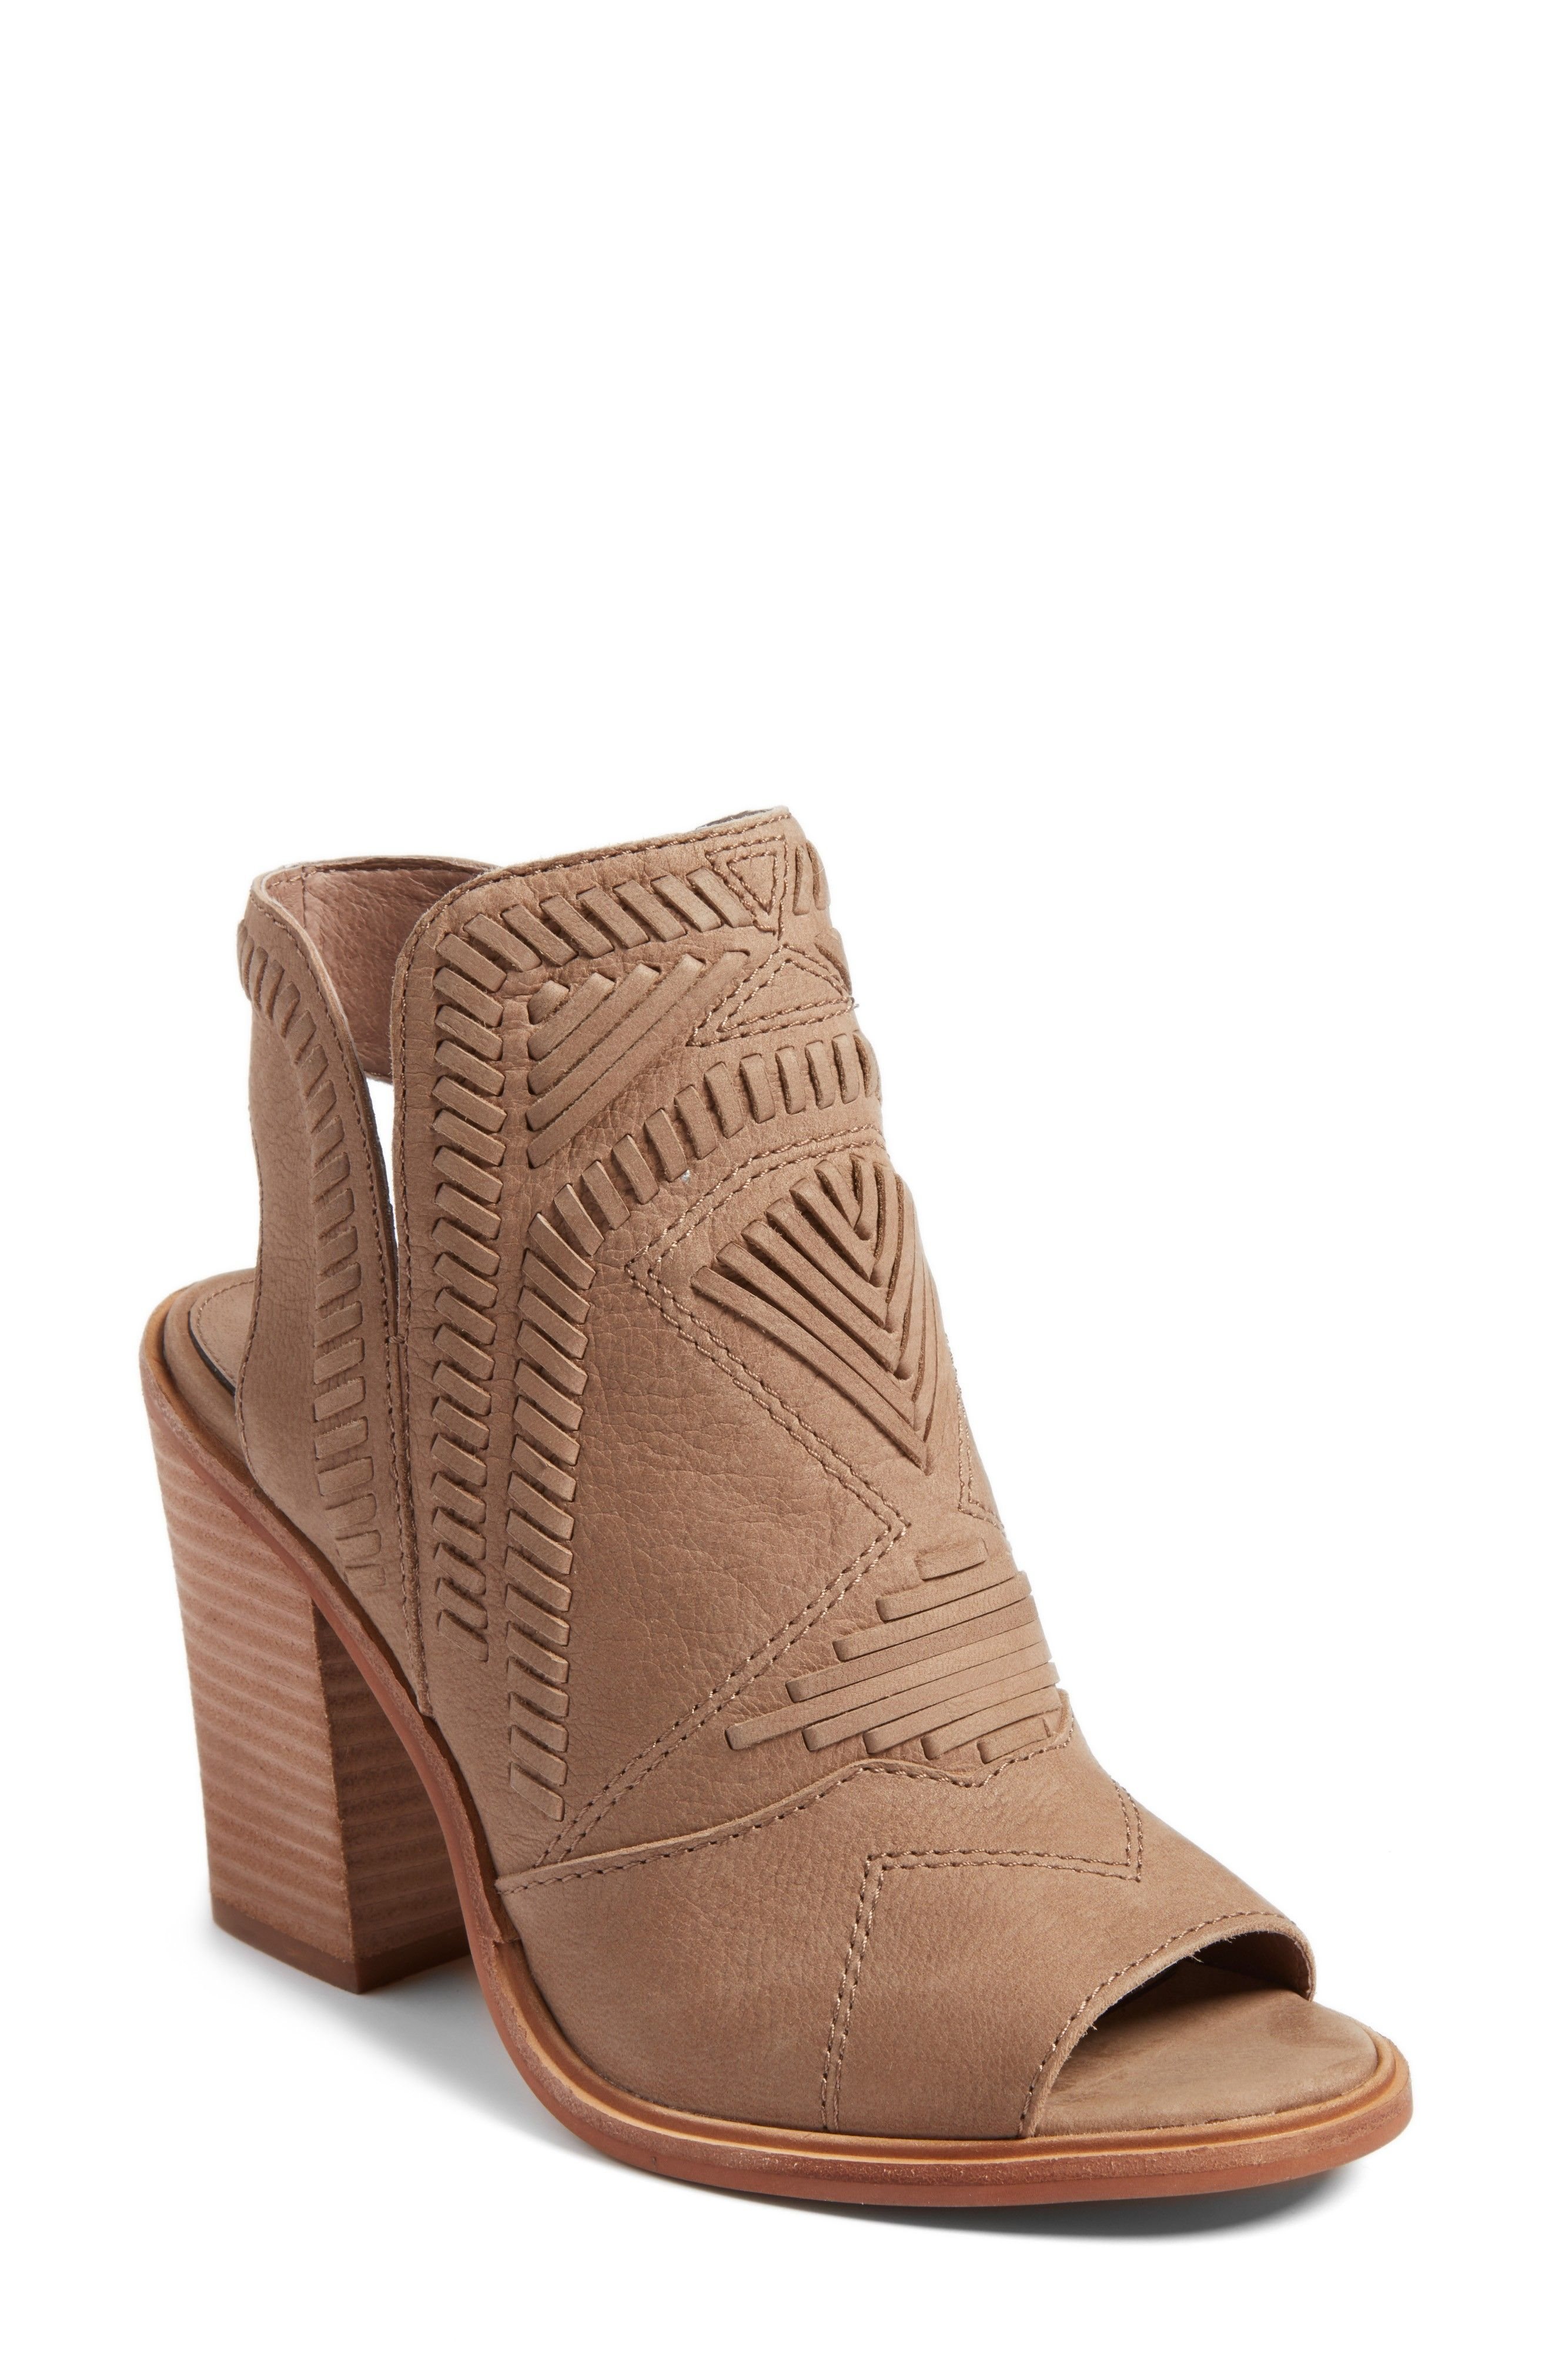 6c51cdf14d68 Nordstrom Sale  Vince Camuto Karinta Block Heel Bootie